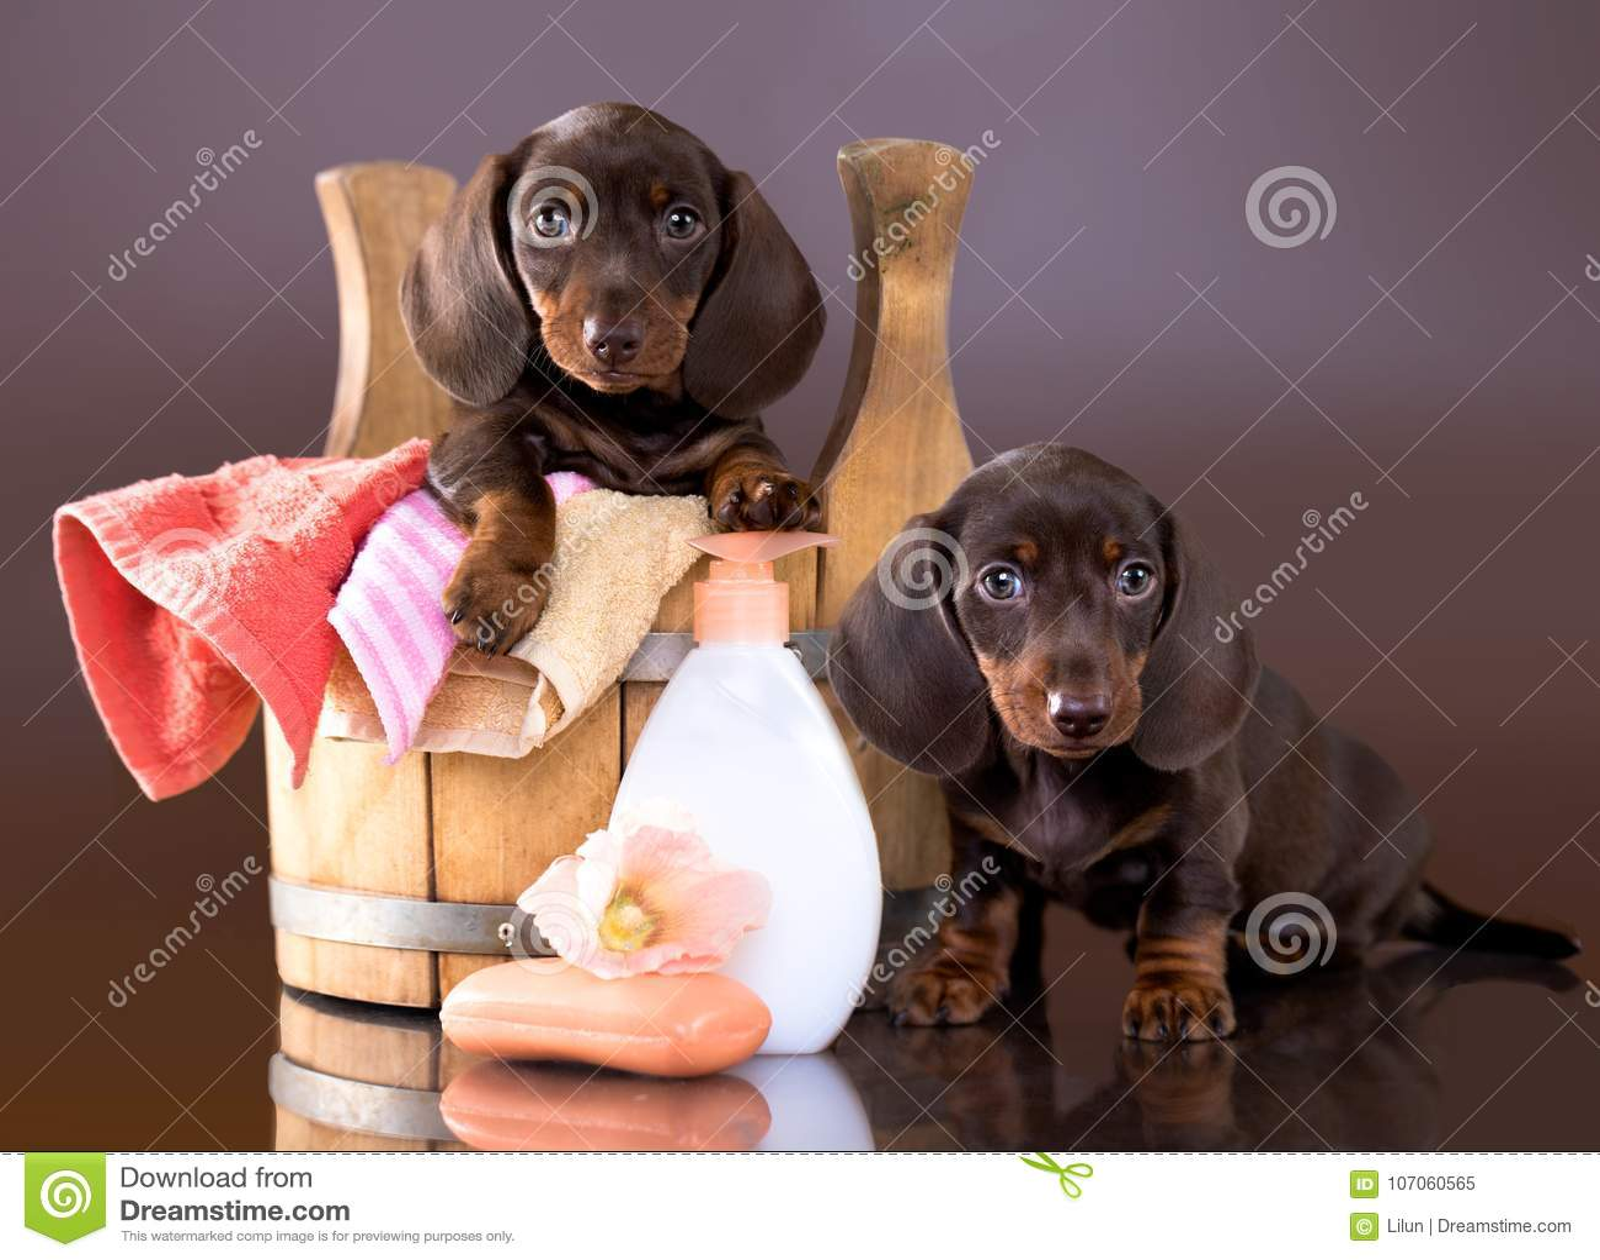 达克斯猎犬小狗-浴时间